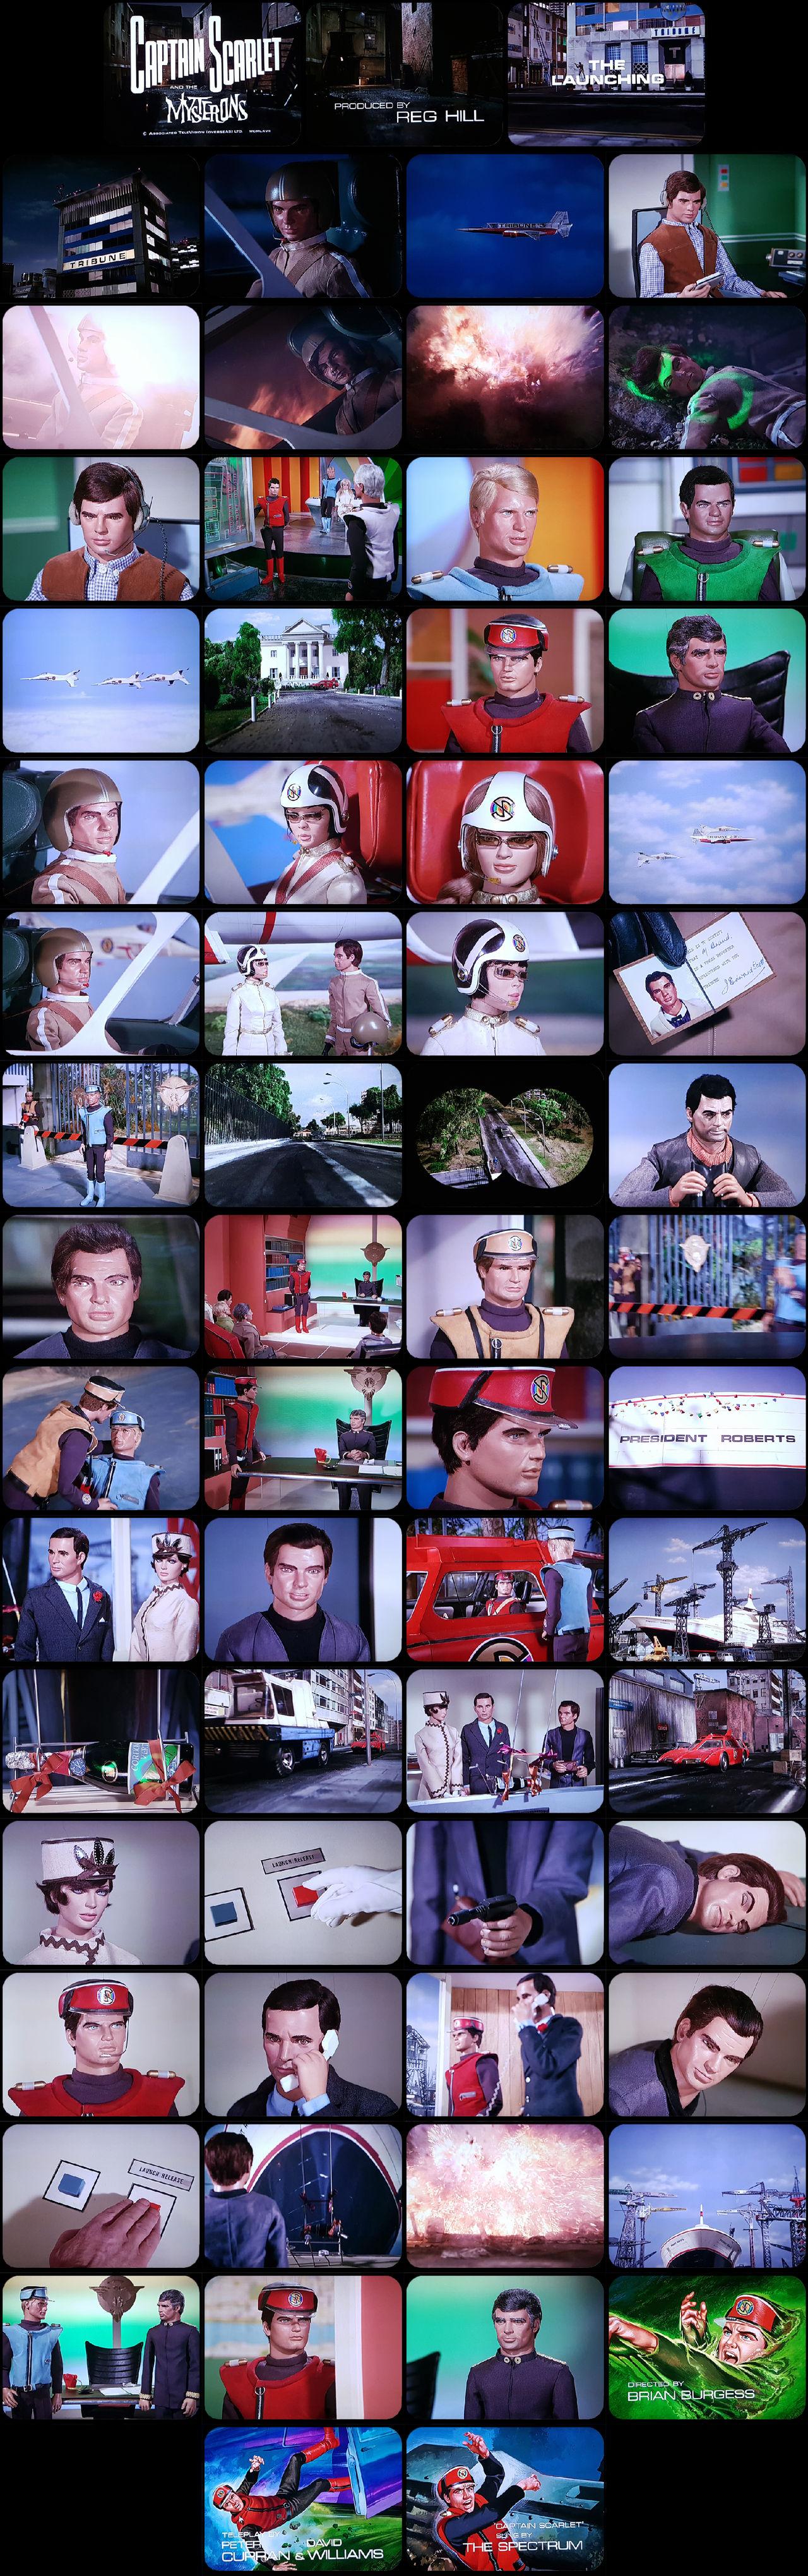 Captain Scarlet Episode 15 Tele-Snaps